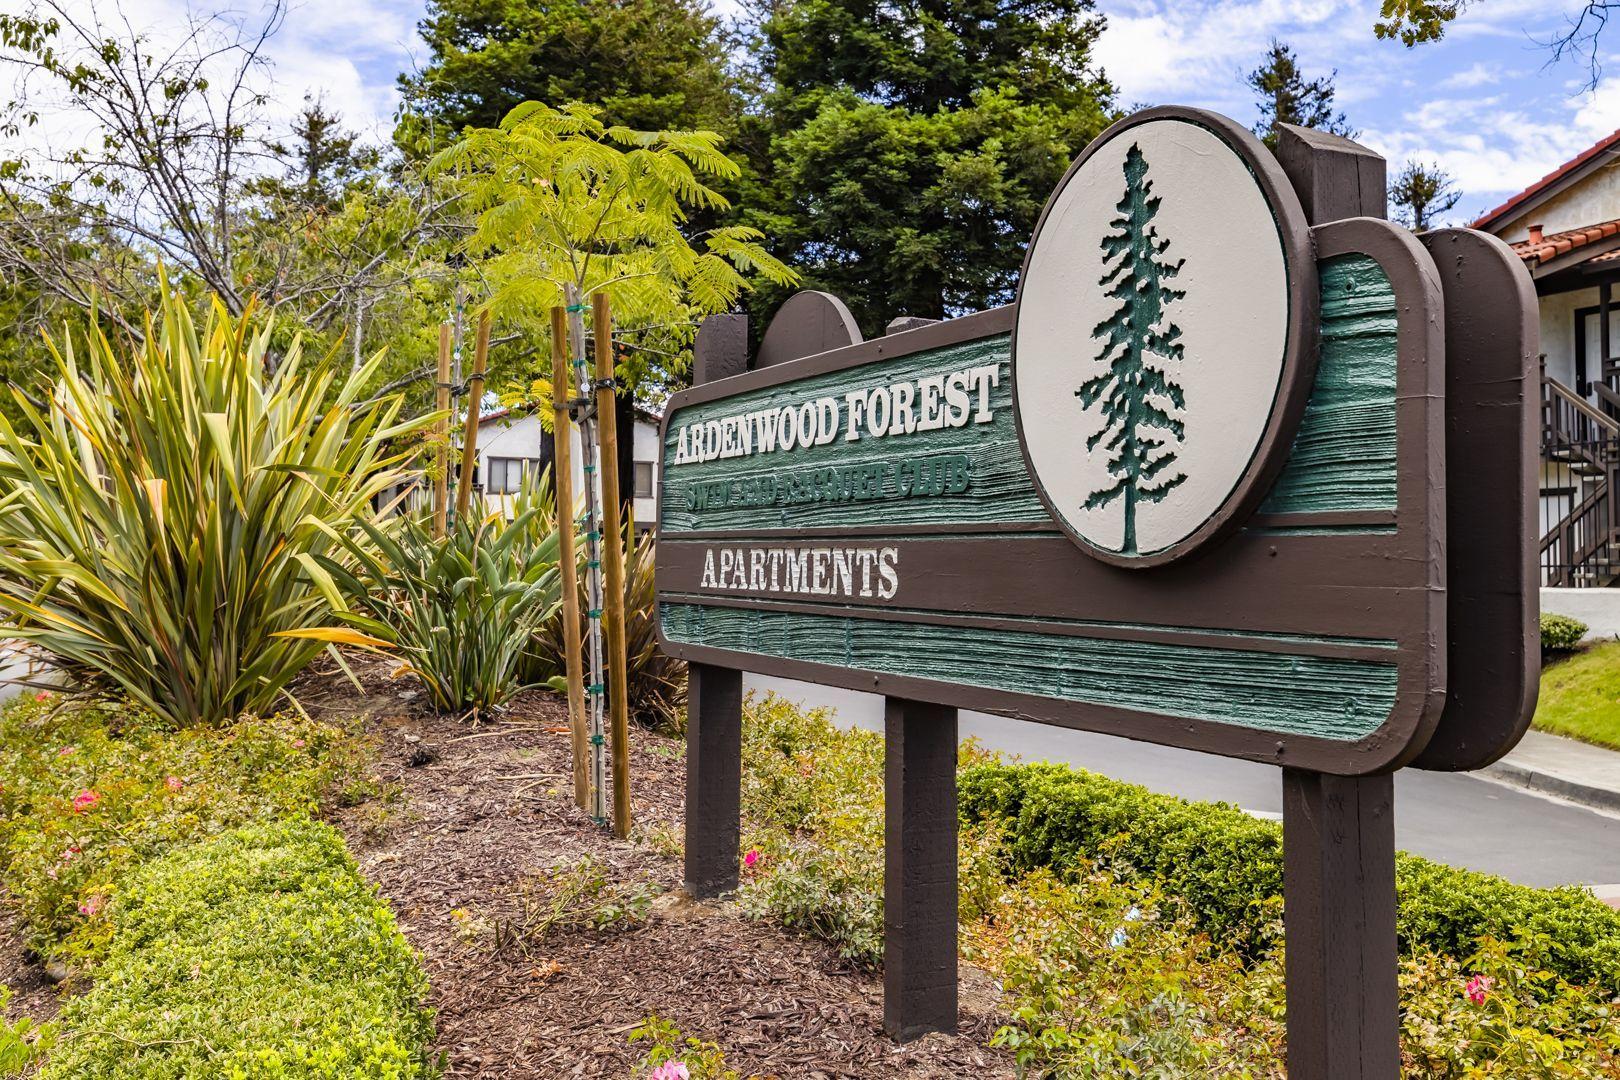 Ardenwood Forest Rental Condos